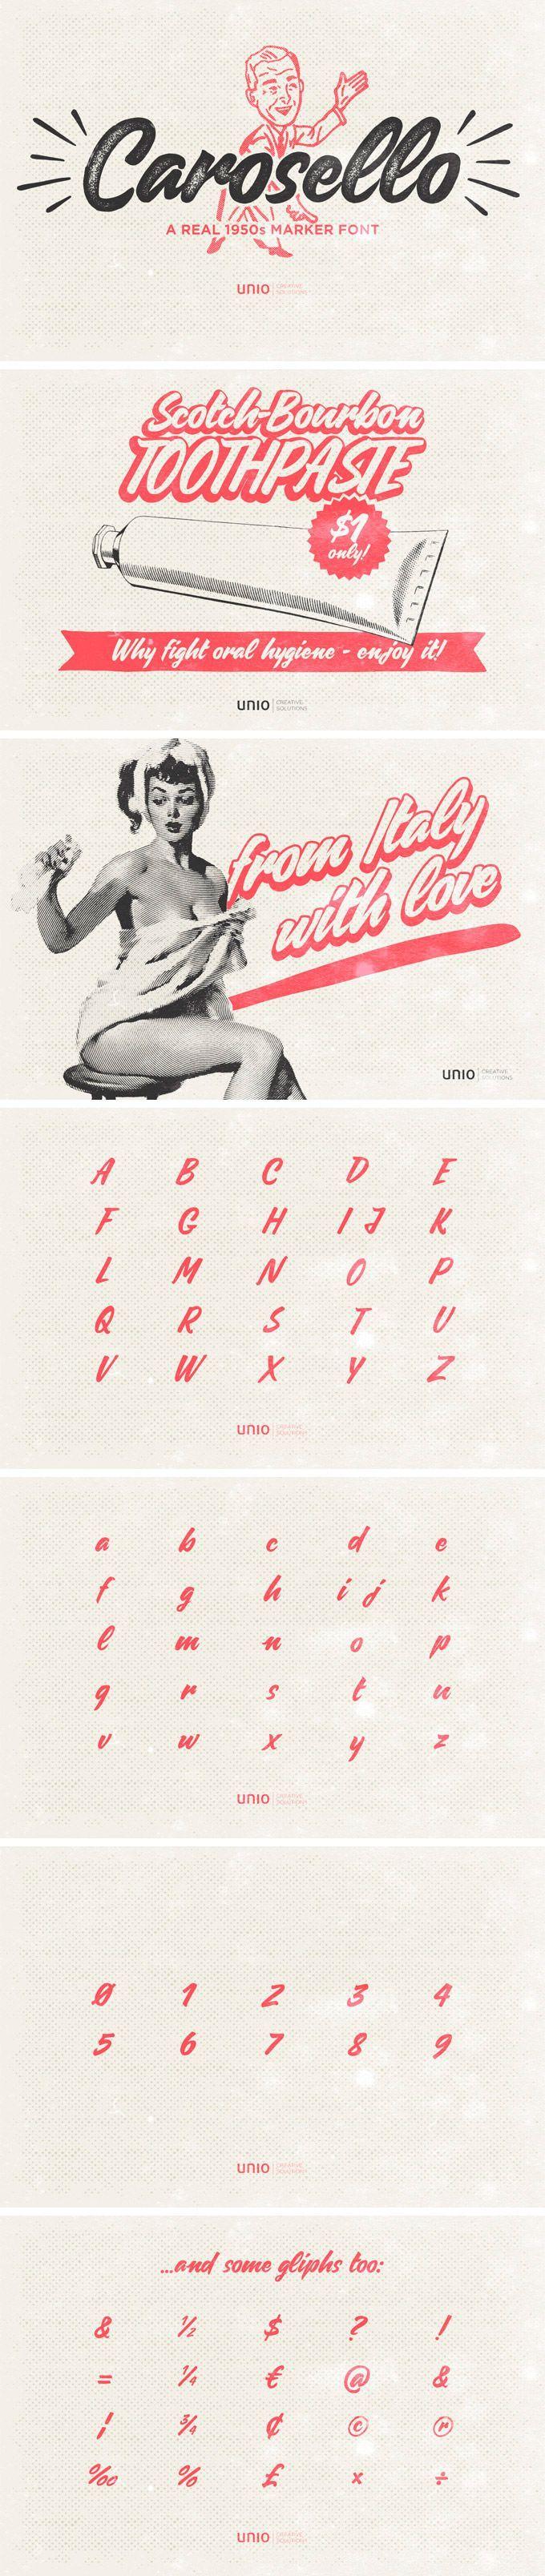 Carosello Font | Unio